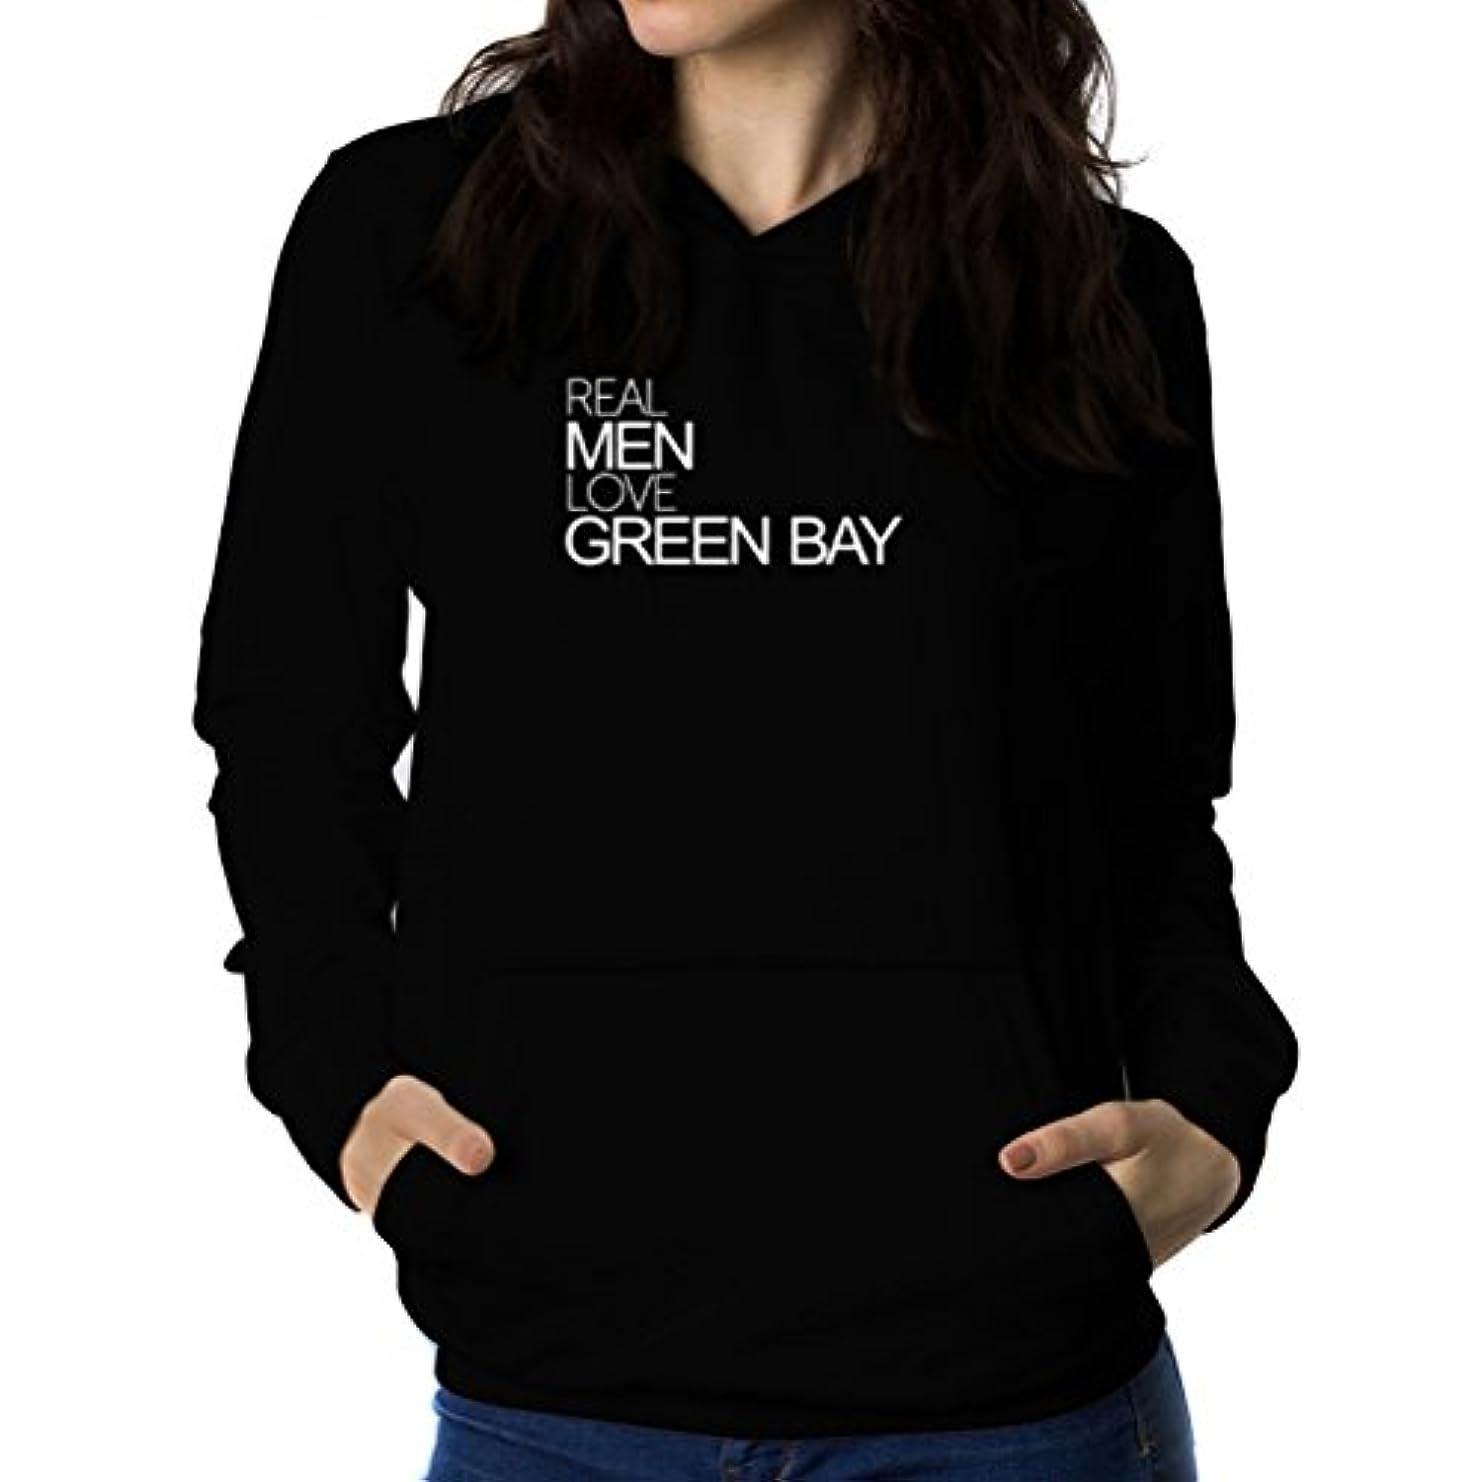 布うなる委員会Real men love Green Bay 女性 フーディー